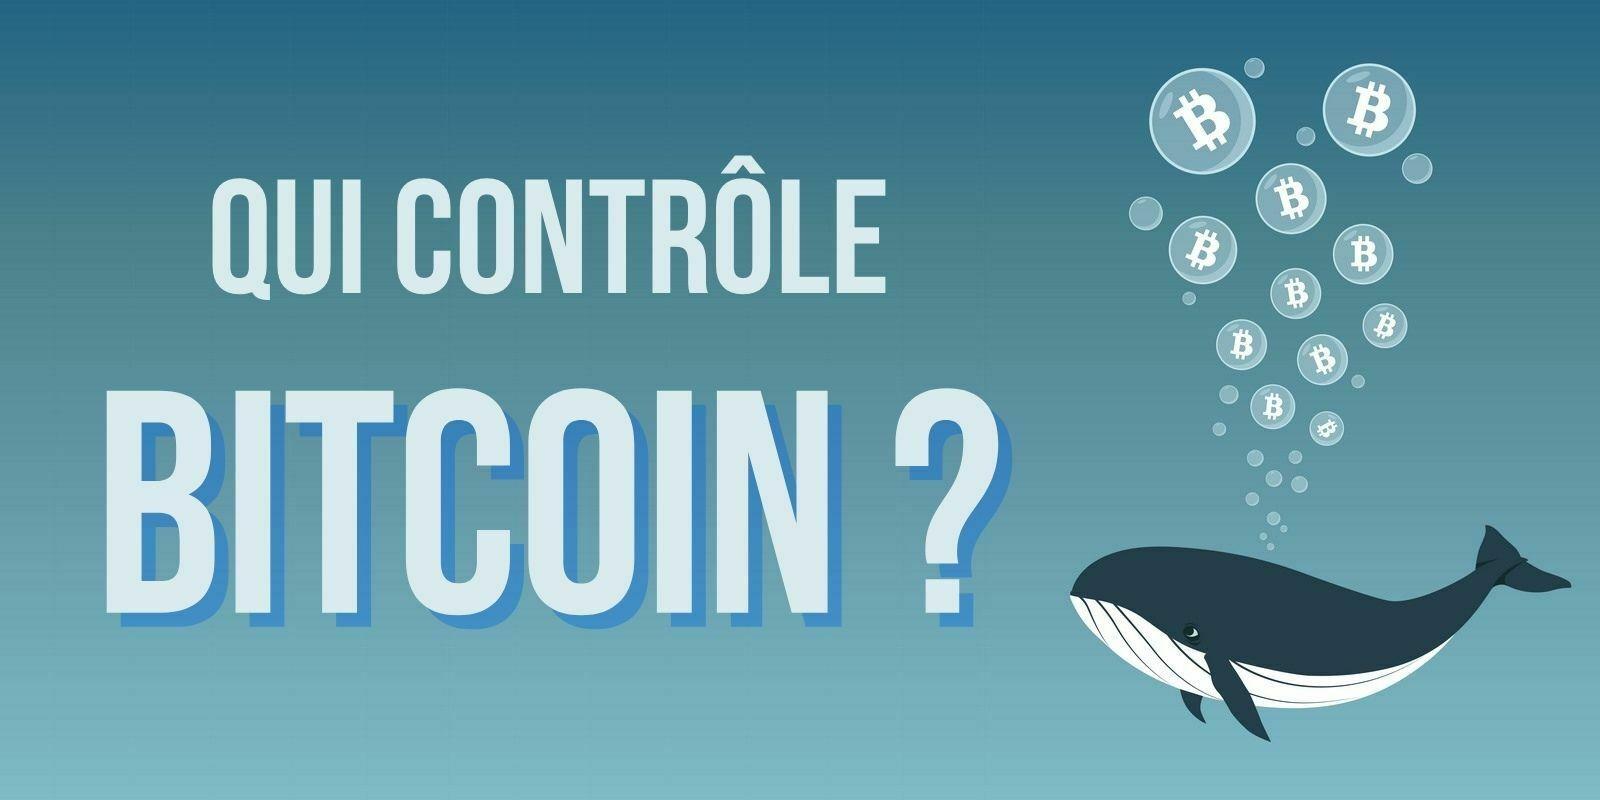 Non, le Bitcoin (BTC) n'est pas aussi concentré qu'on ne le pense